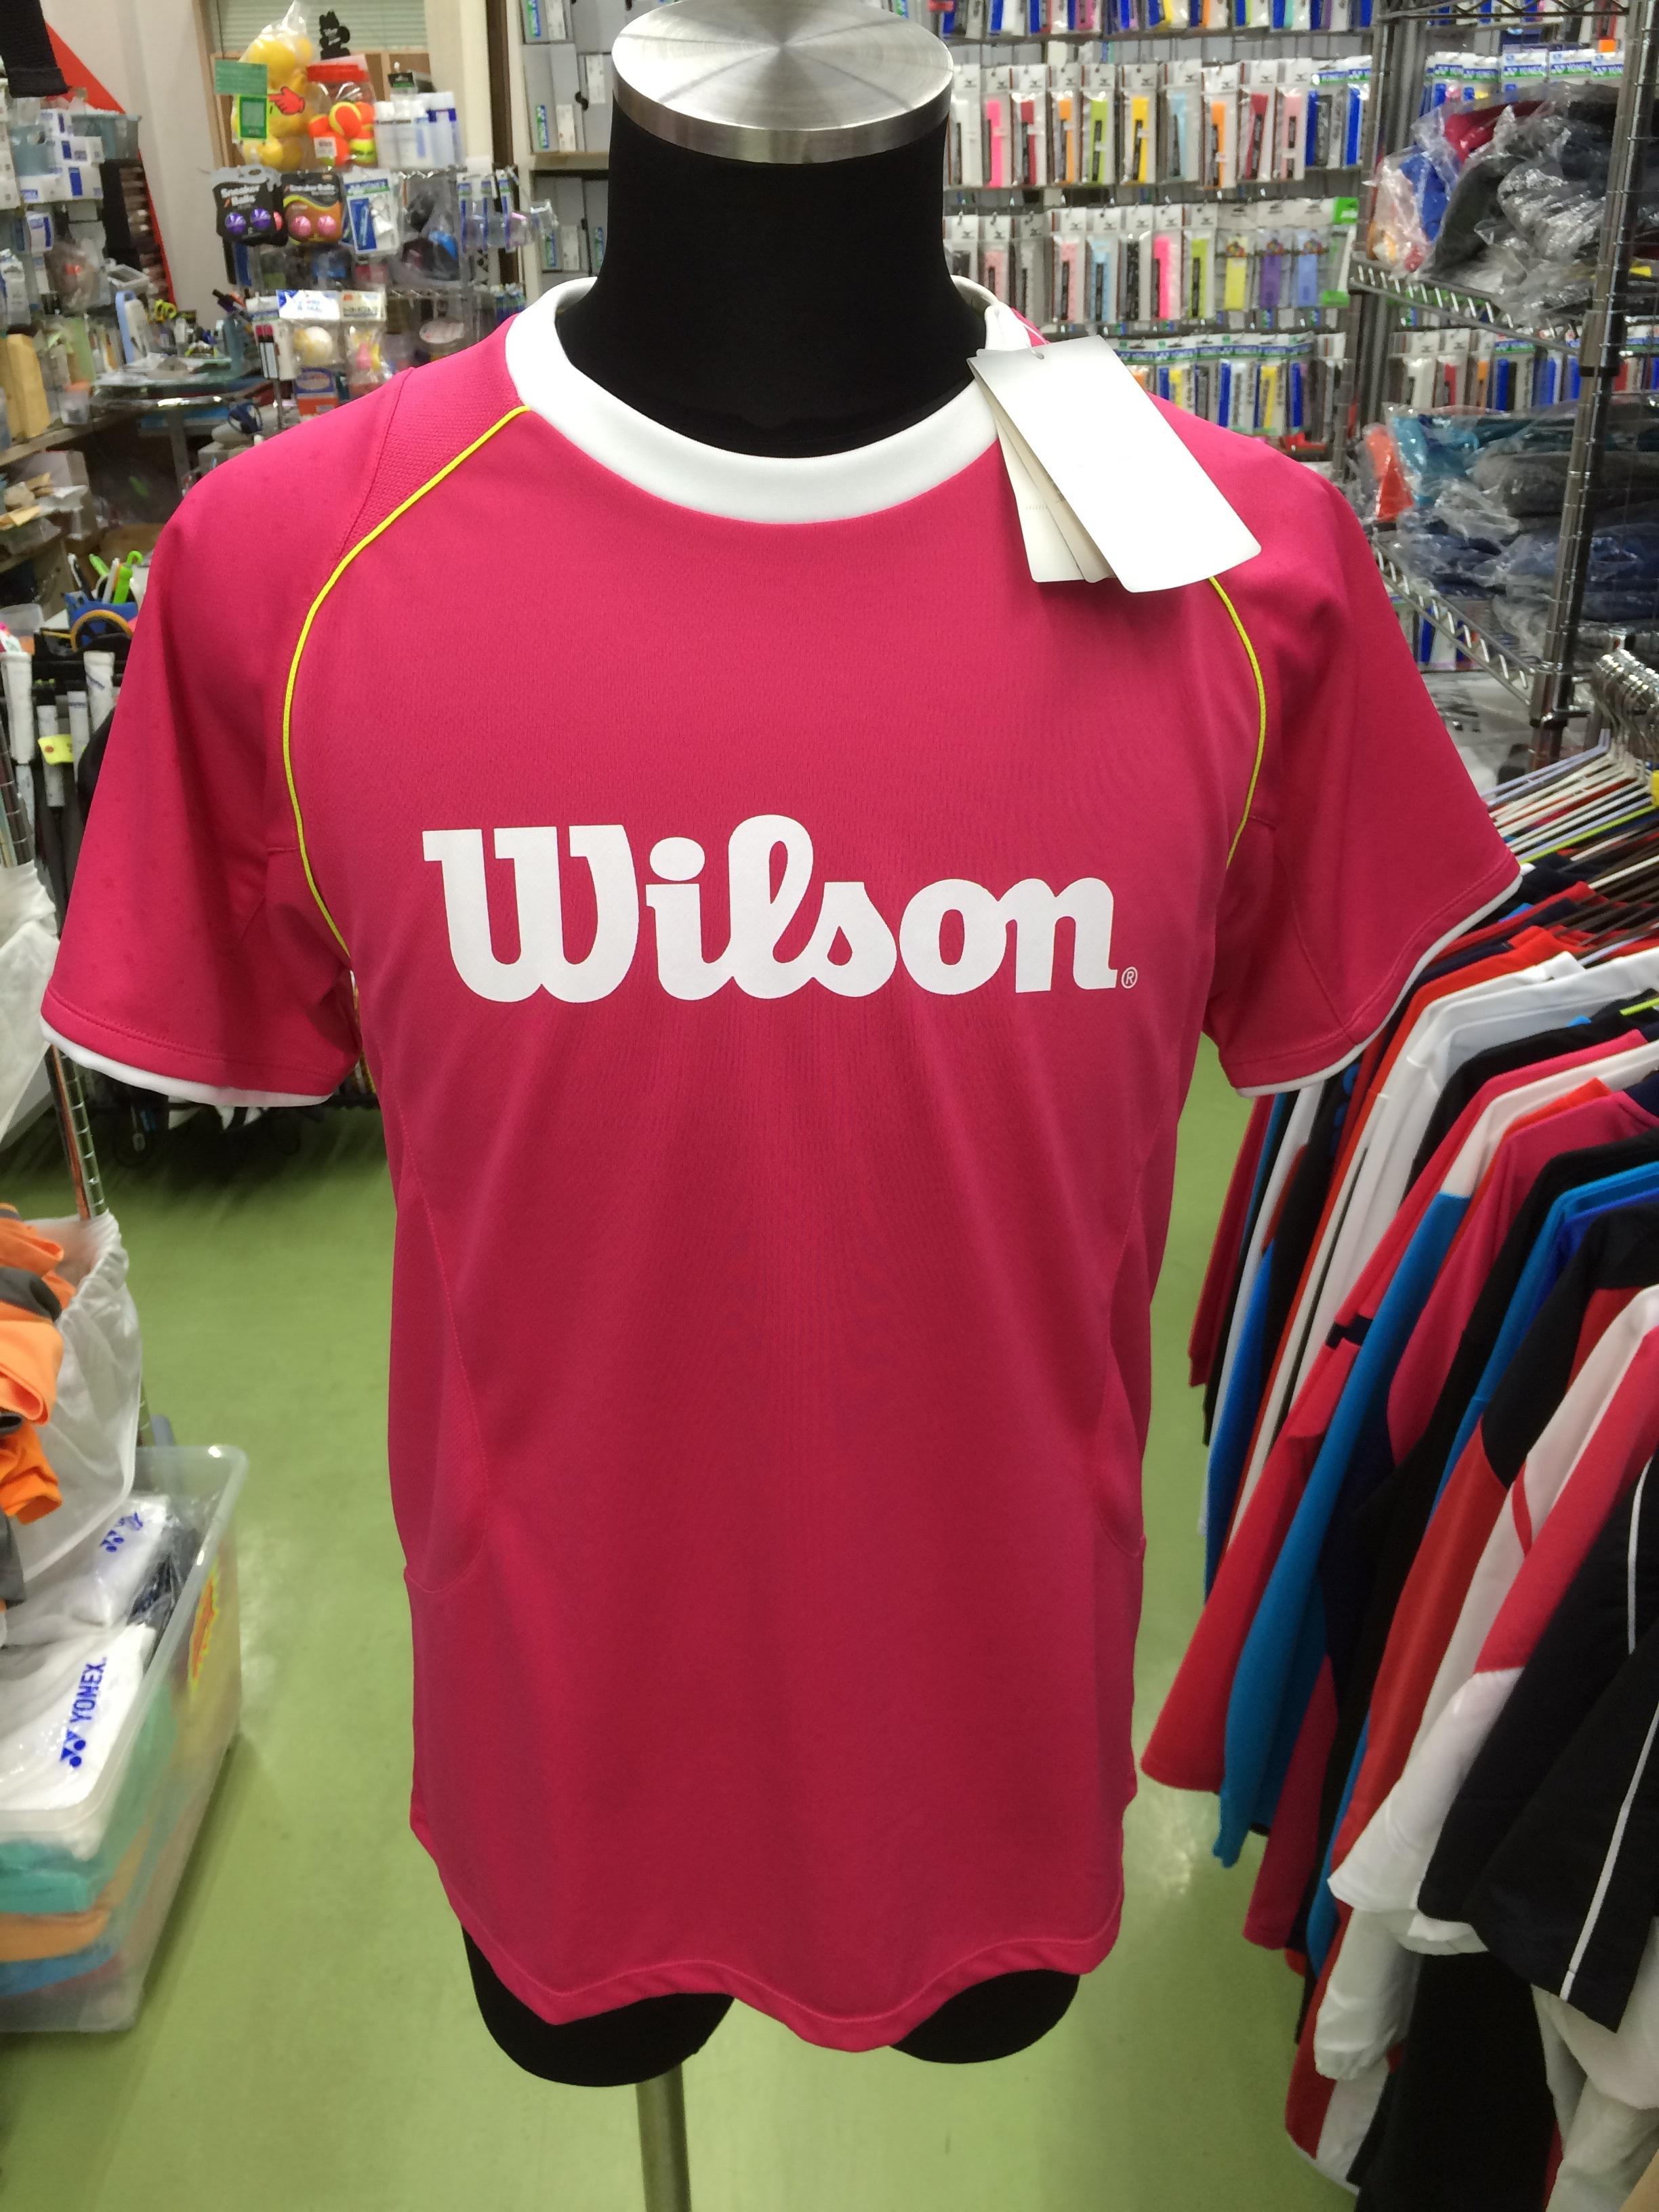 ウィルソン Tシャツ WRJ4402MG - 画像1